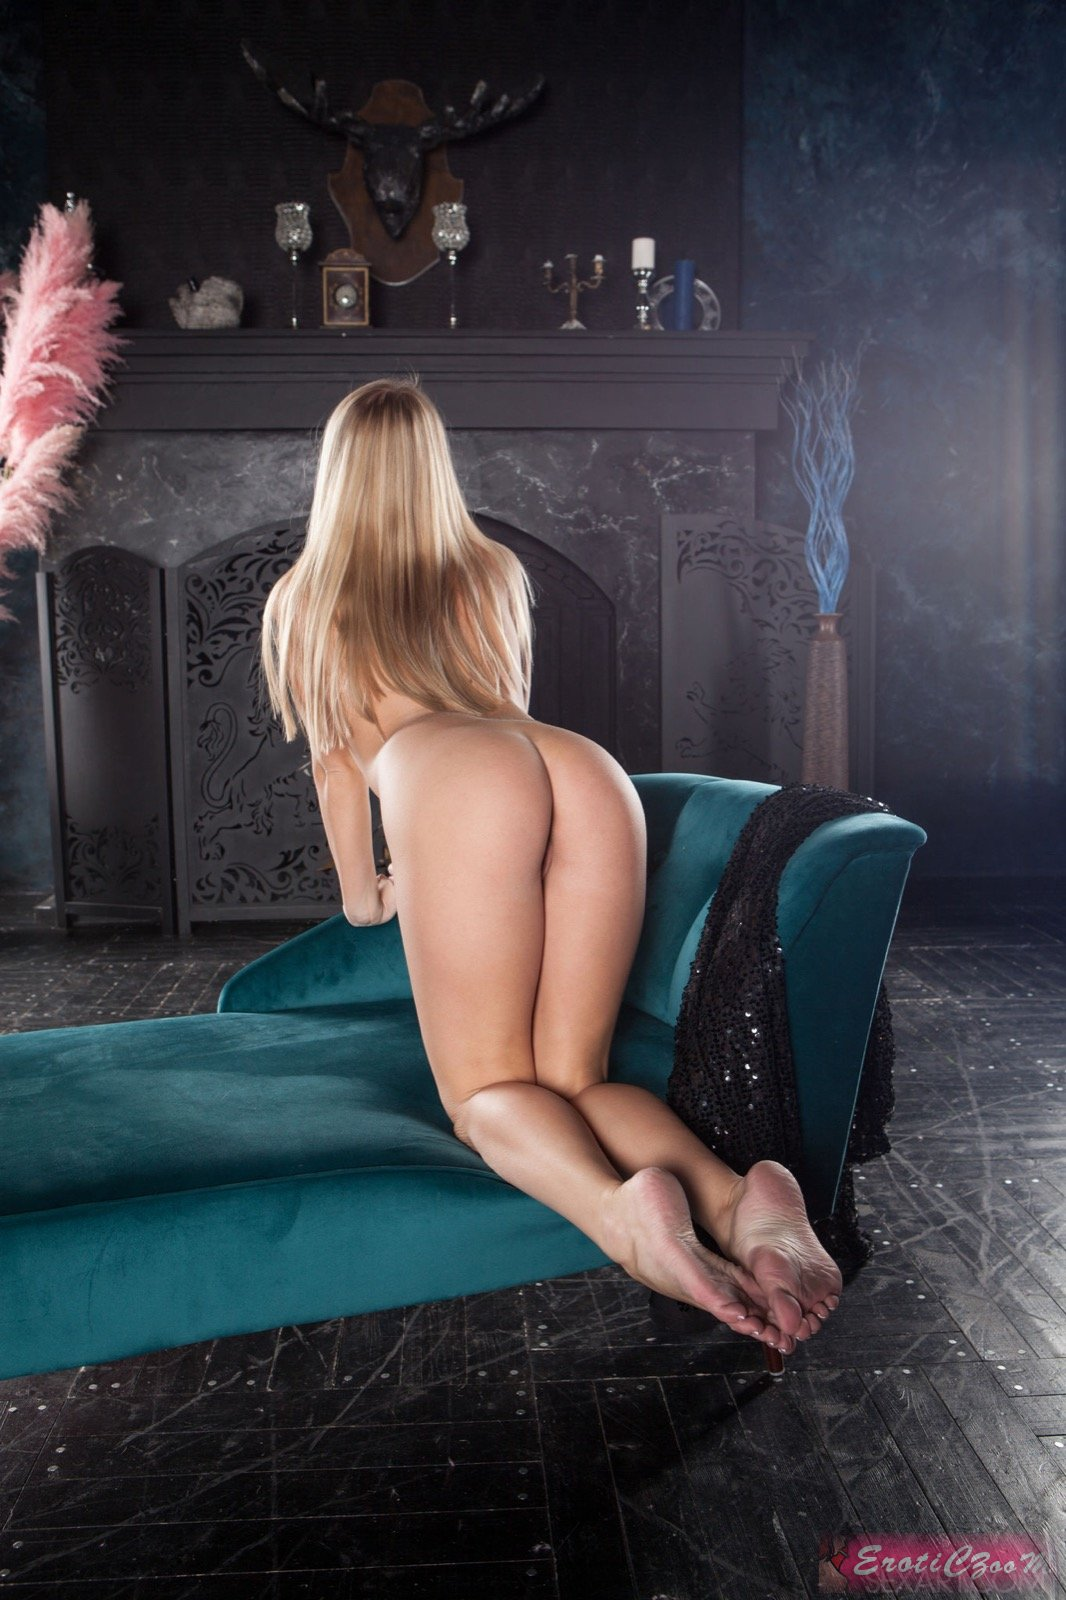 Вами согласен. Идея фото элитных проституток голых ваще... Жаль, что сейчас